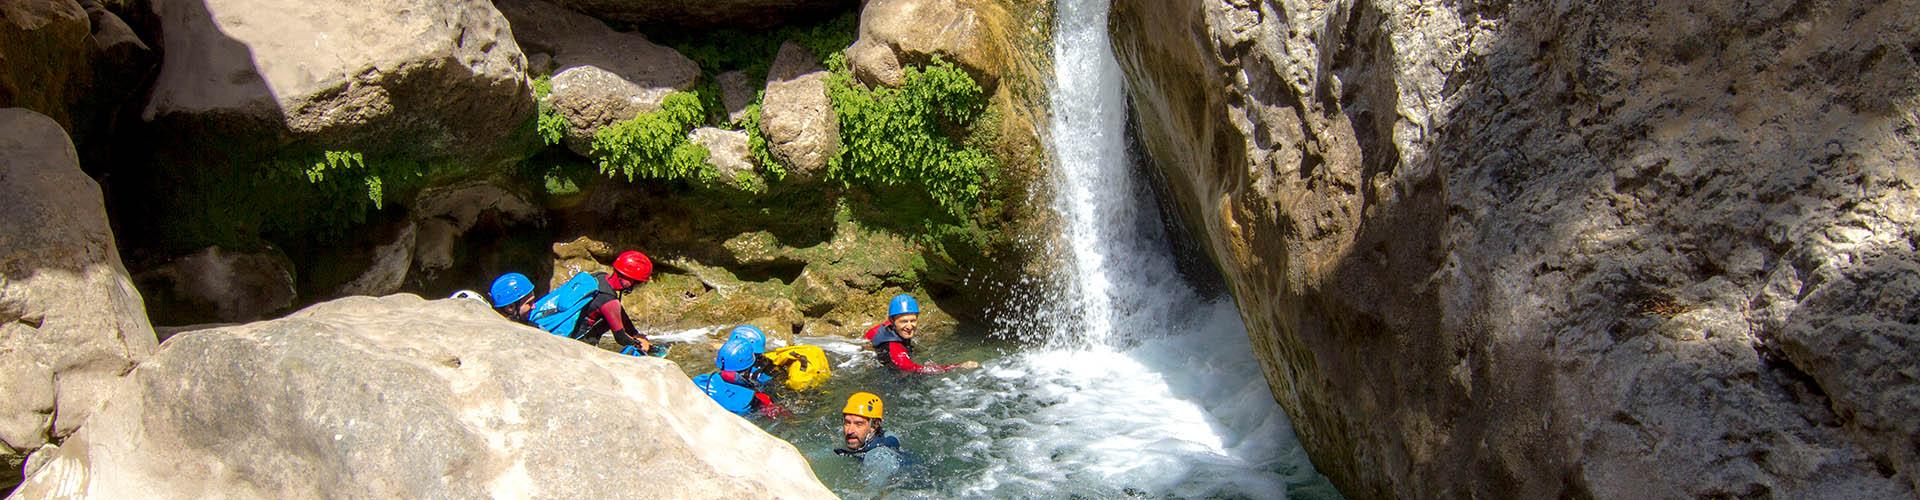 actividades de aventura con guaranatura